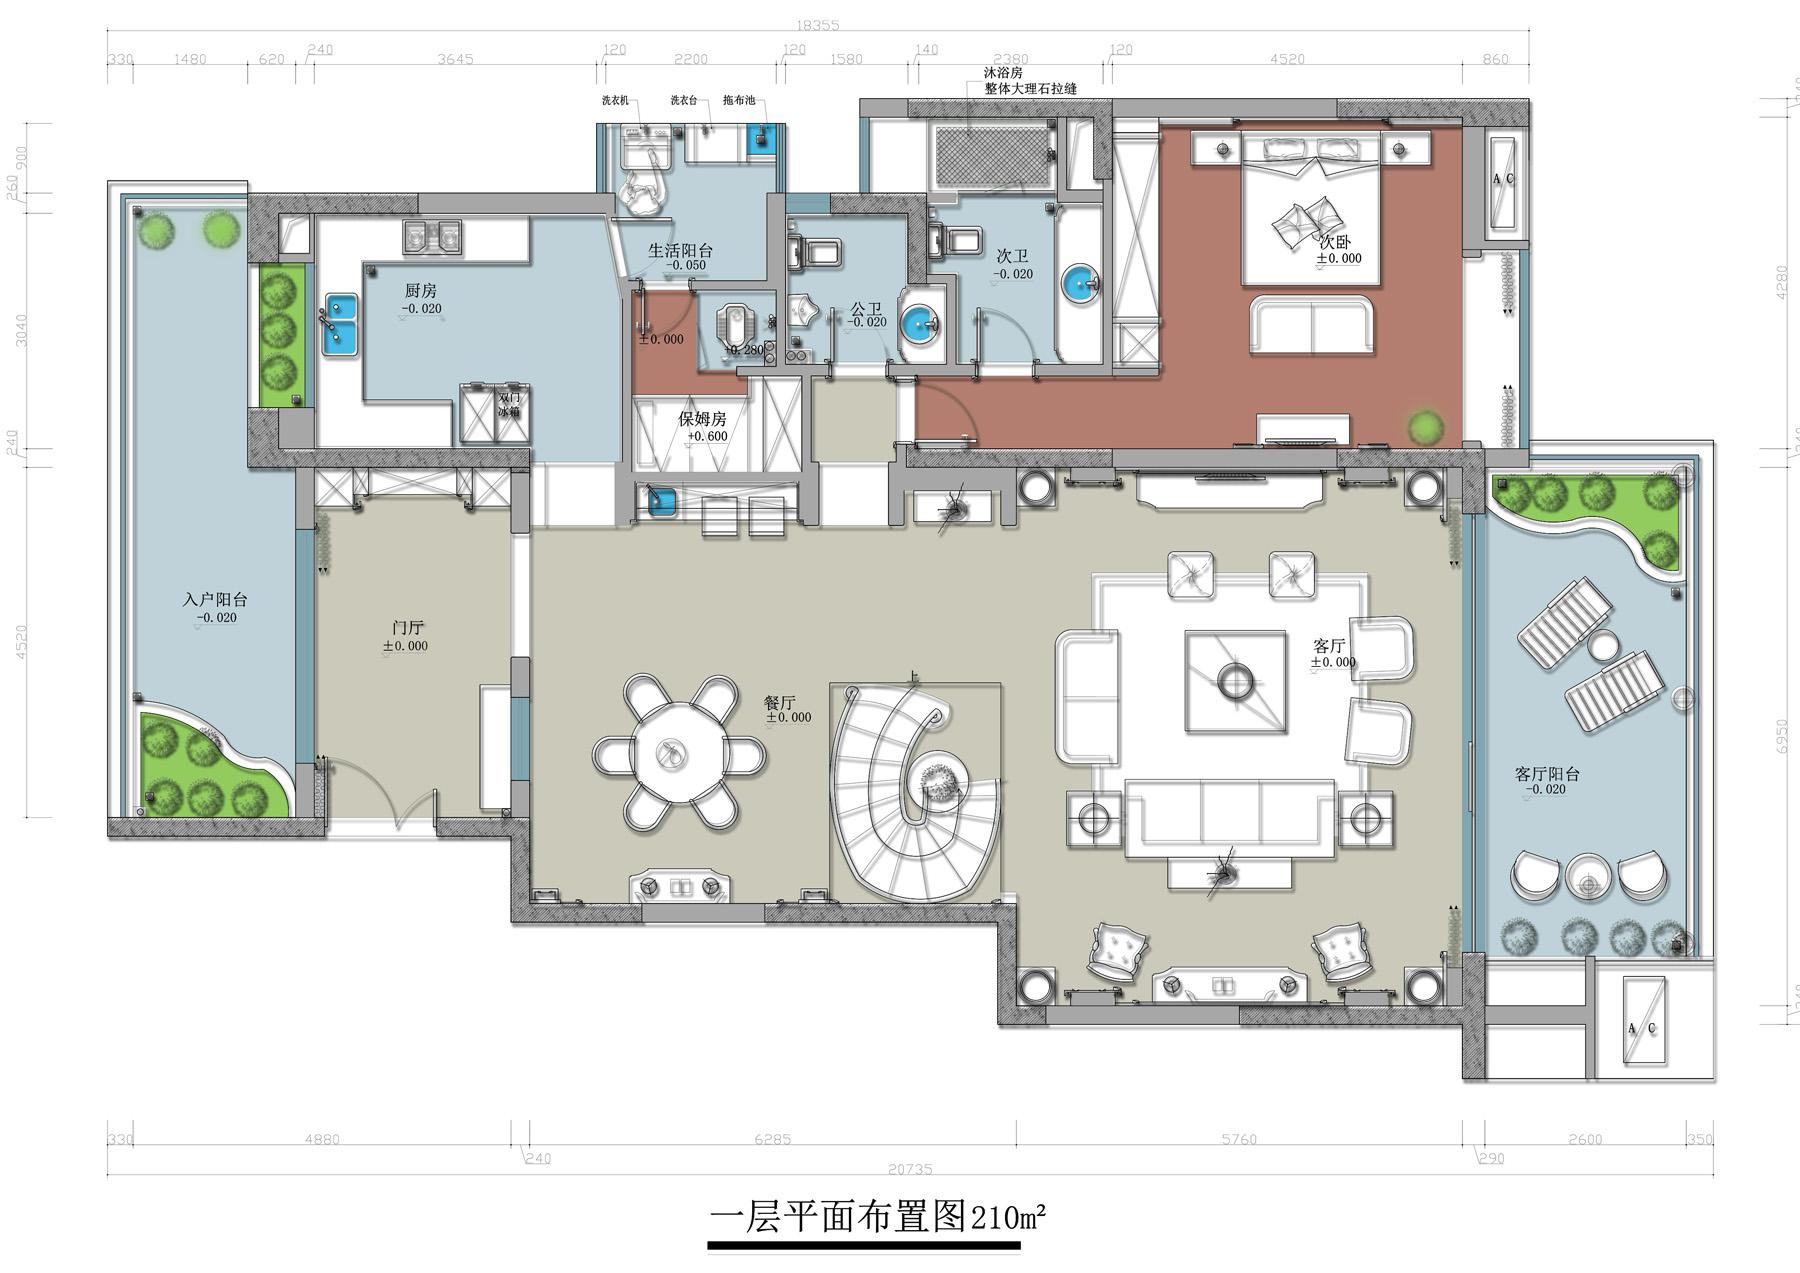 华侨城天鹅堡280㎡别墅美式乡村风格装修效果图装修设计理念